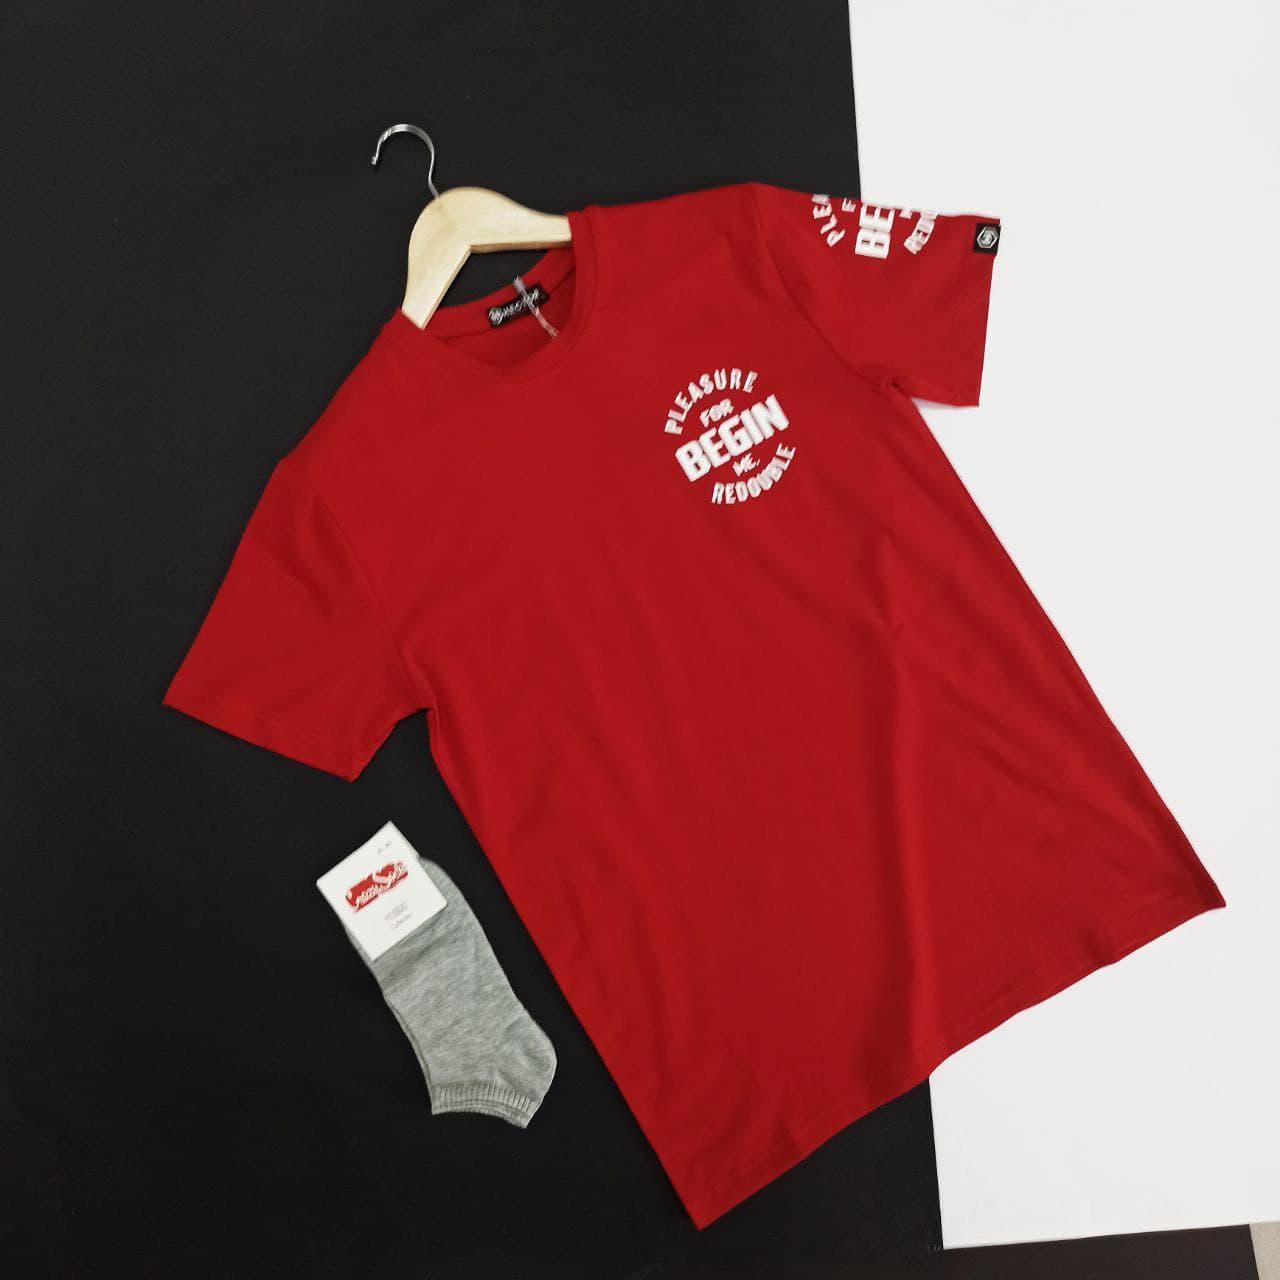 Яркая красная мужская футболка с молодежным накатом надписью на груди из натурального хлопка